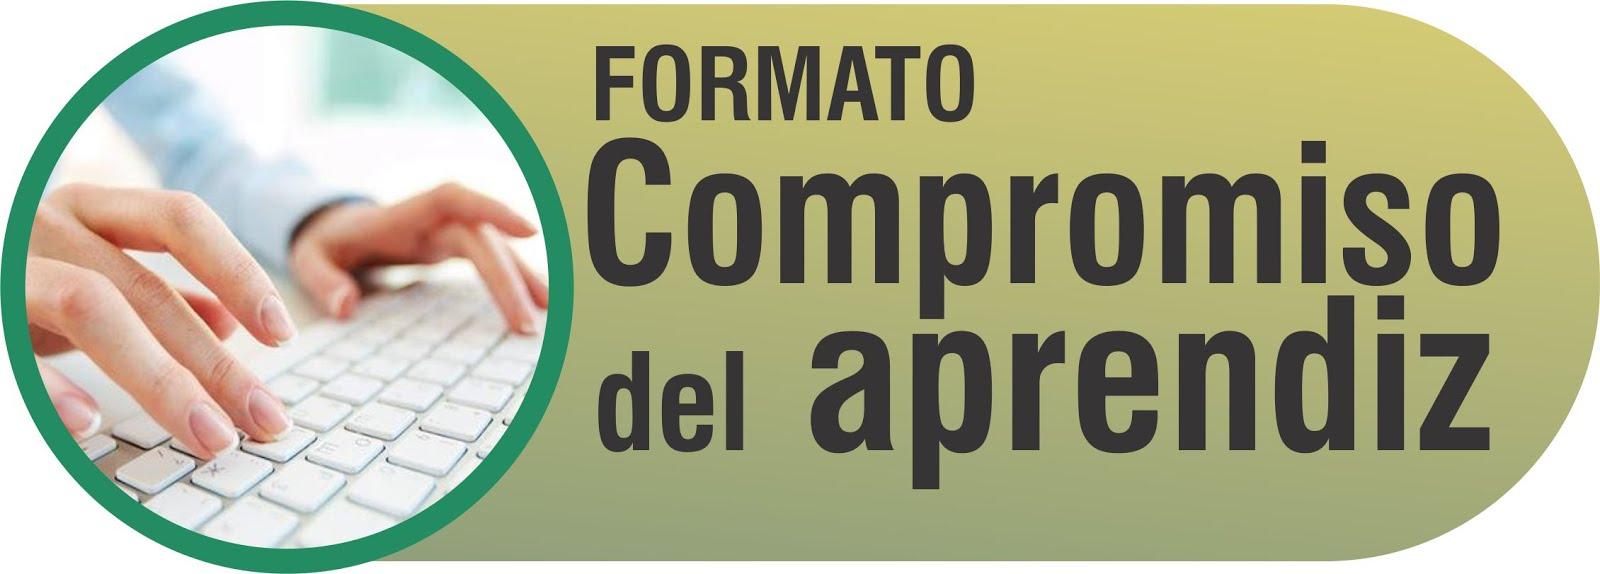 FORMATO COMPROMISO DEL APRENDIZ